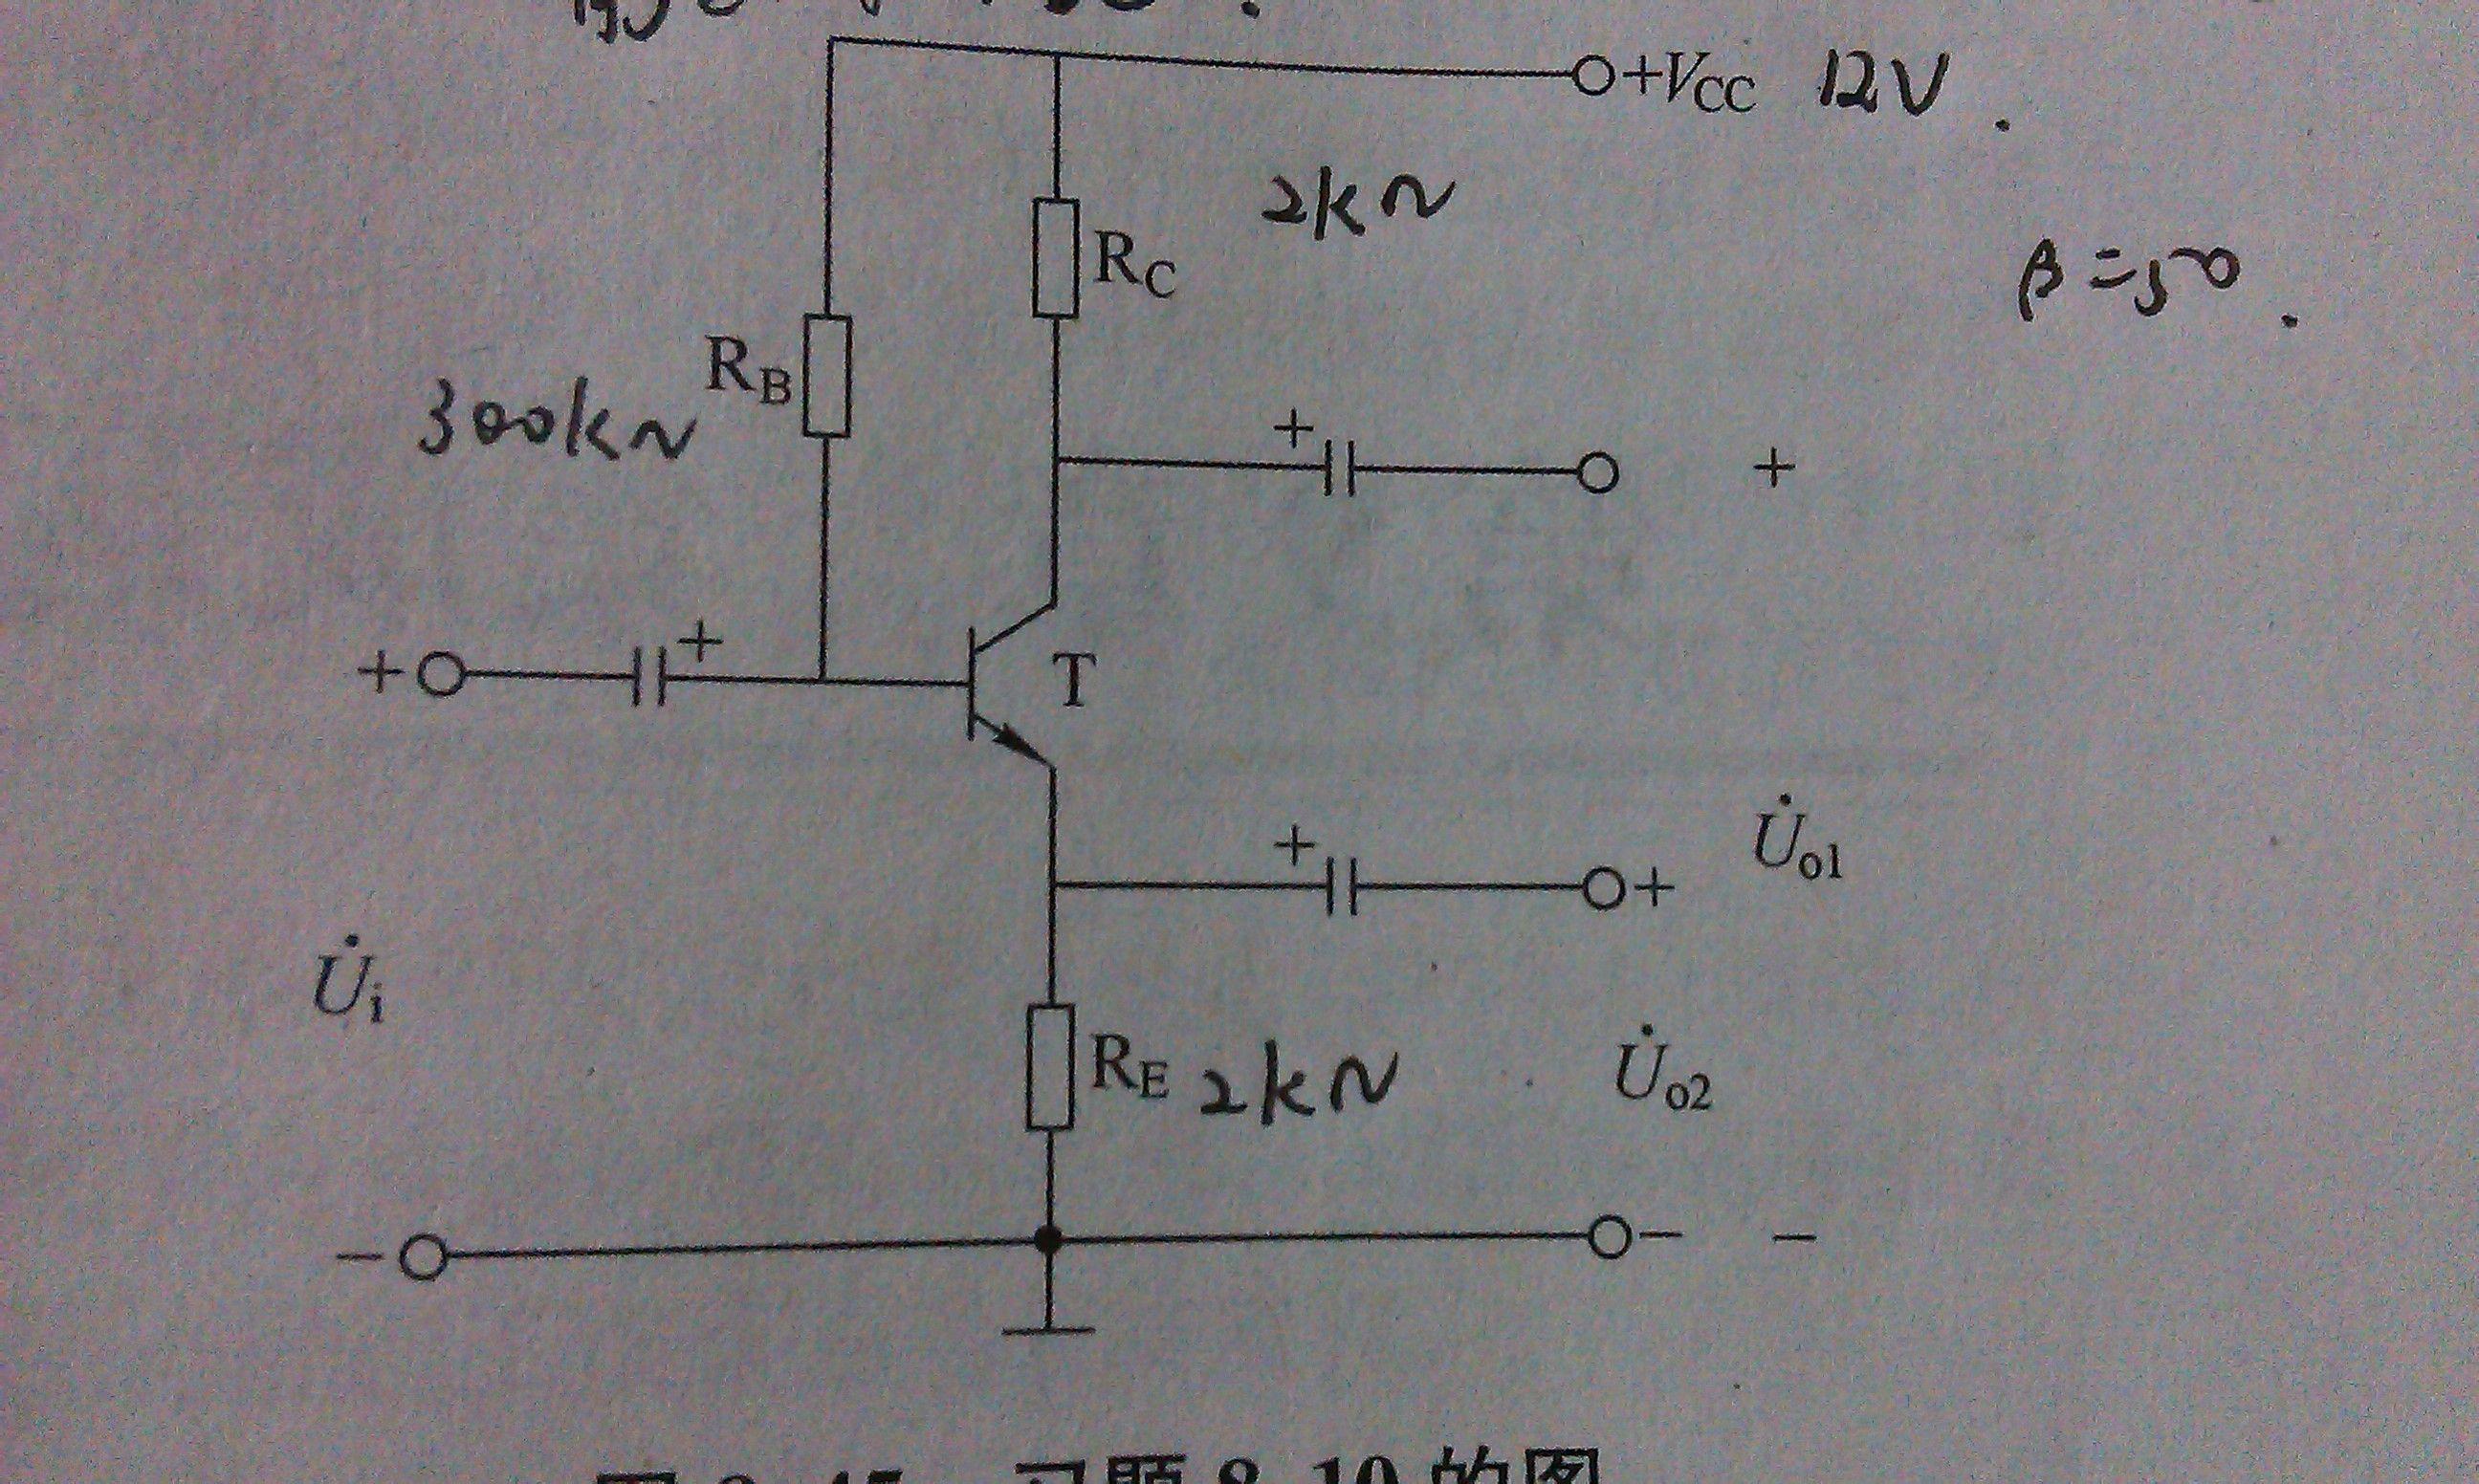 vcc=12v,rc=2kΩ,re=2kΩ,rb=300kΩ,β=50,电路有两个输出端